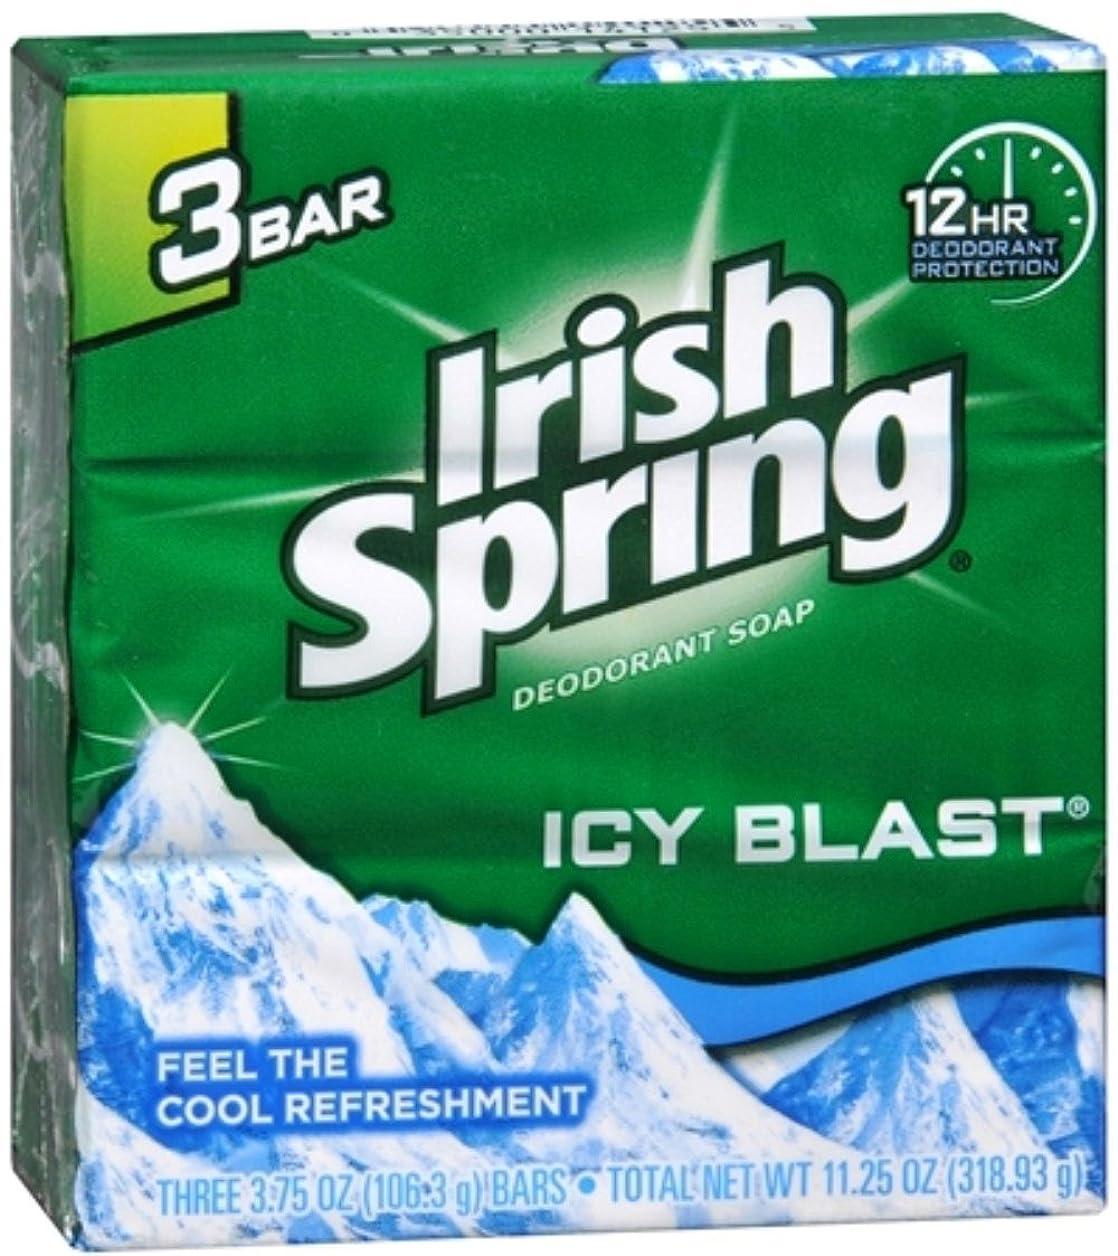 必需品作詞家モデレータ【Irish Spring】アイリッシュスプリング?デオドラント石鹸113g×3個パック 【アイシーブラスト】